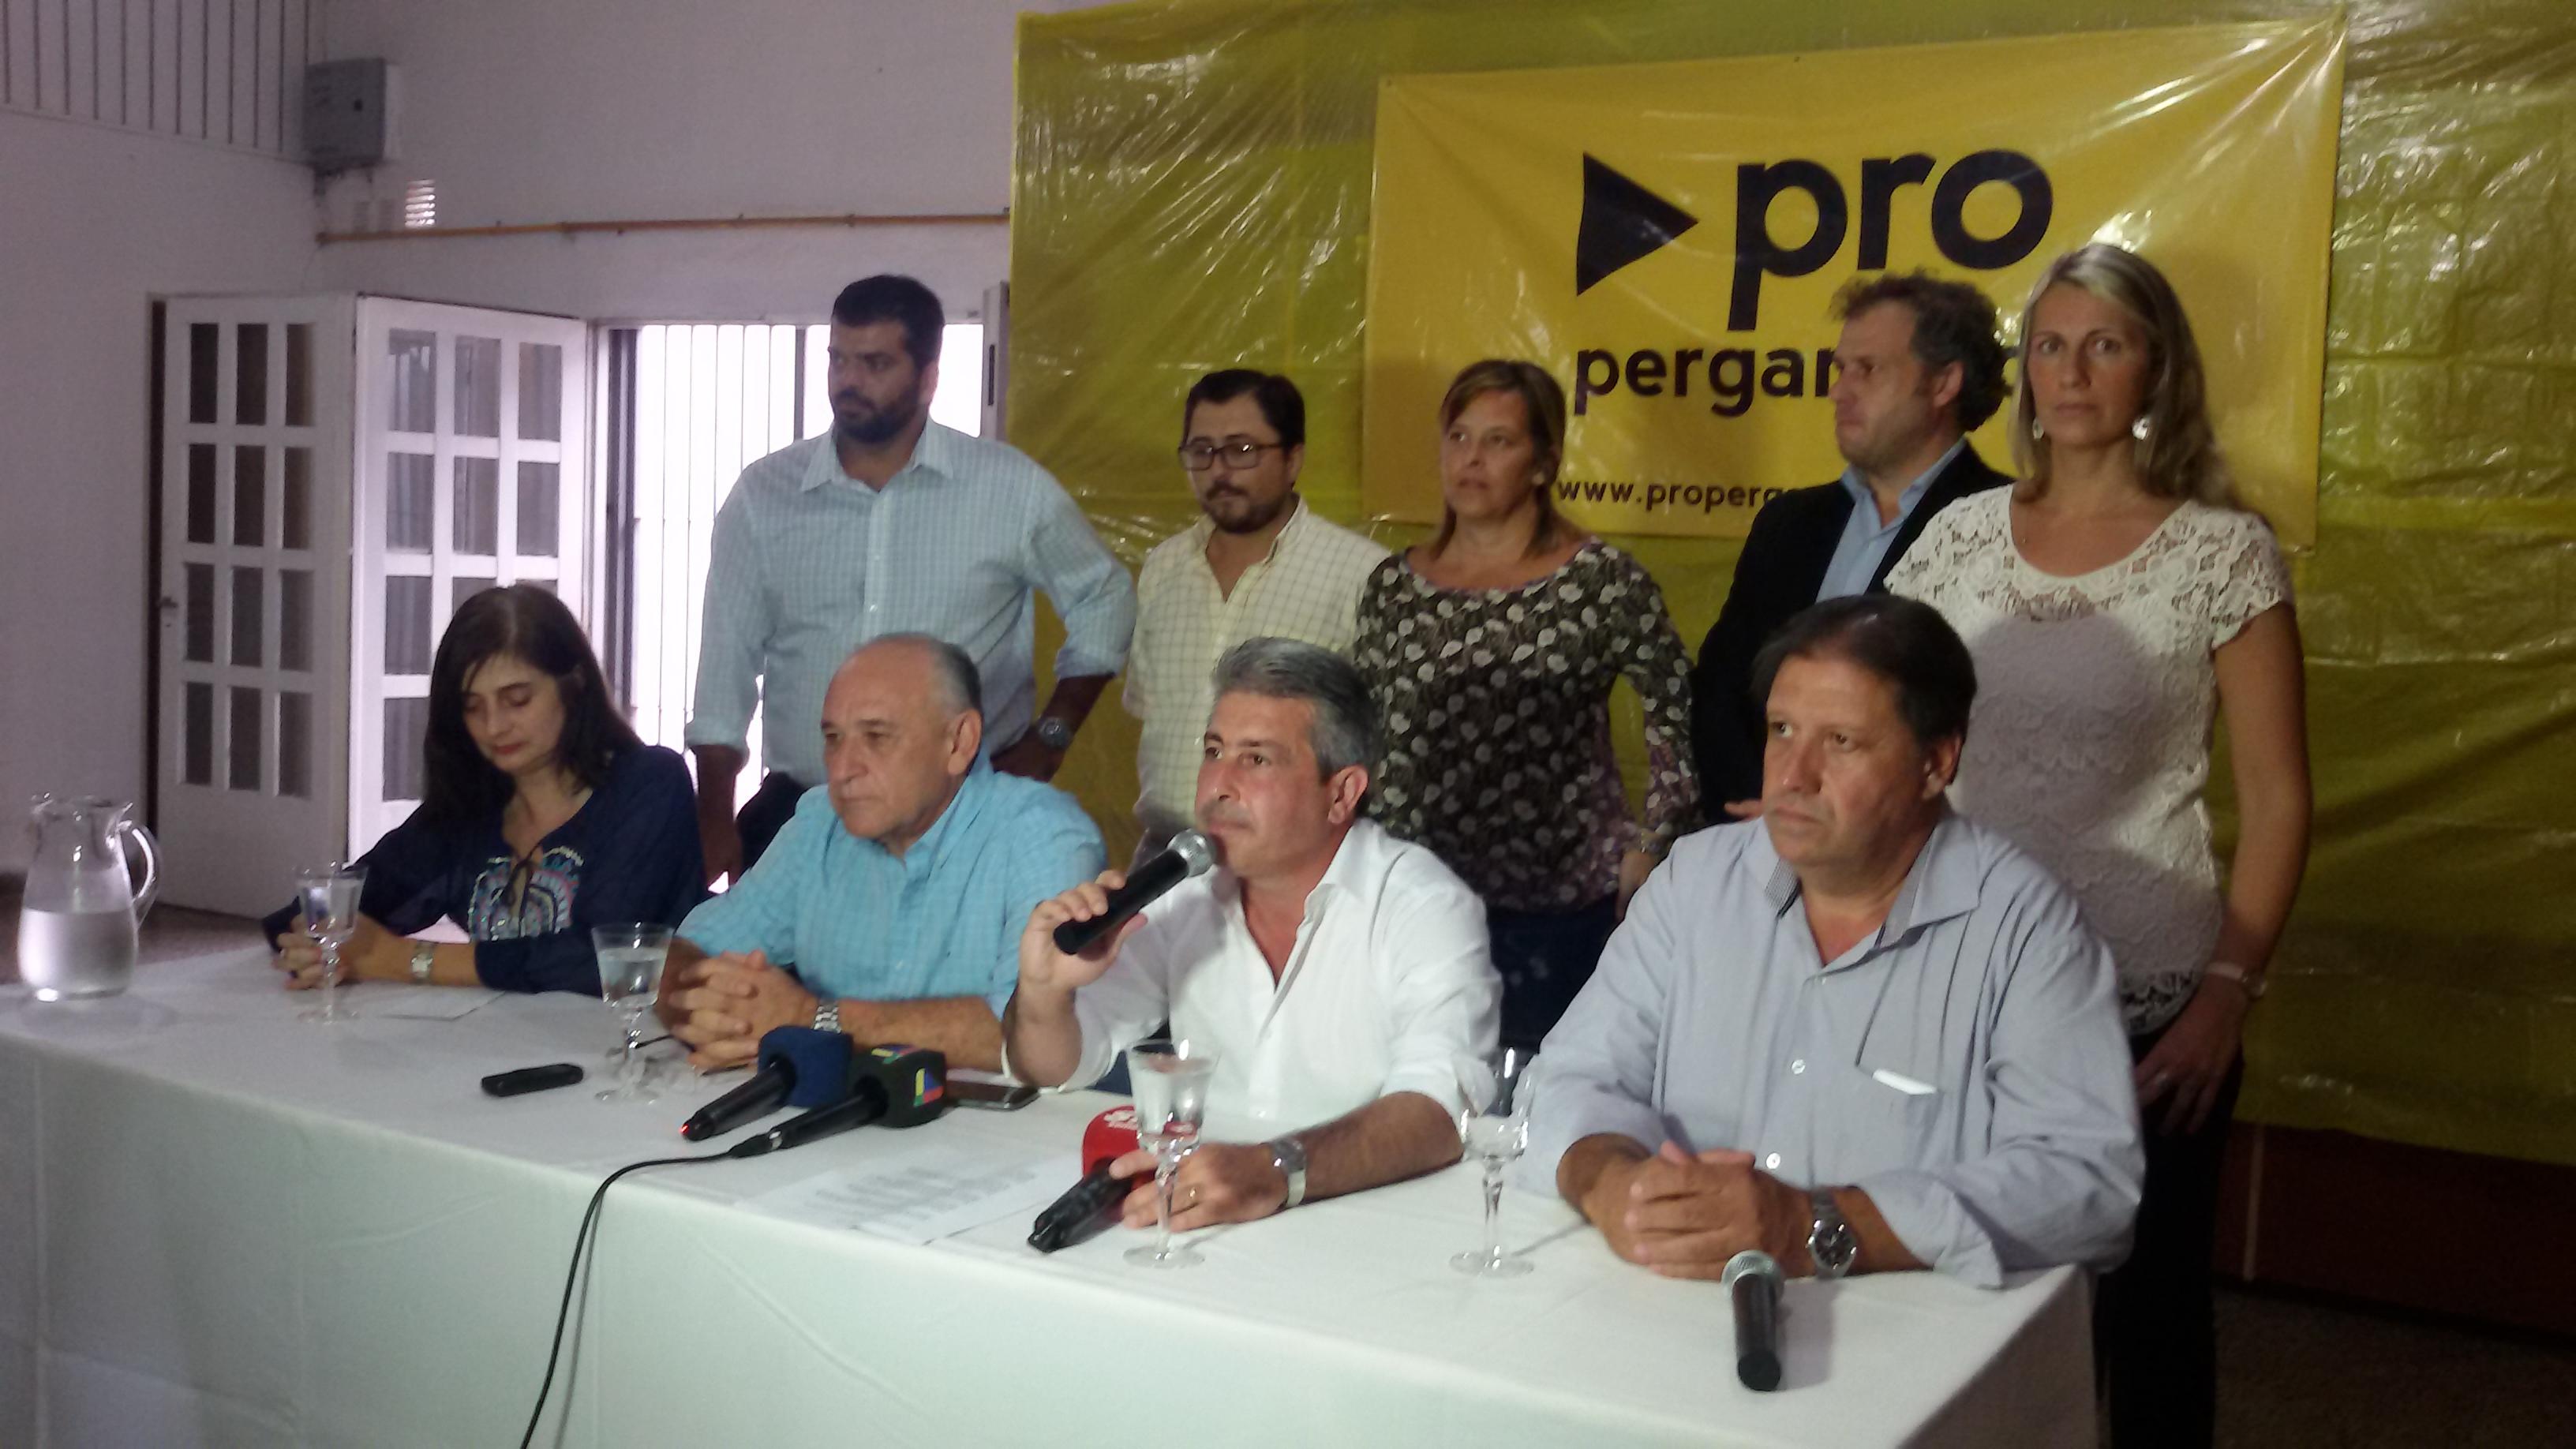 En el marco de un encuentro encabezado por el intendente Javier Martínez en el local céntrico del PRO, se llevó adelante la presentación de las nuevas autoridades del partido.